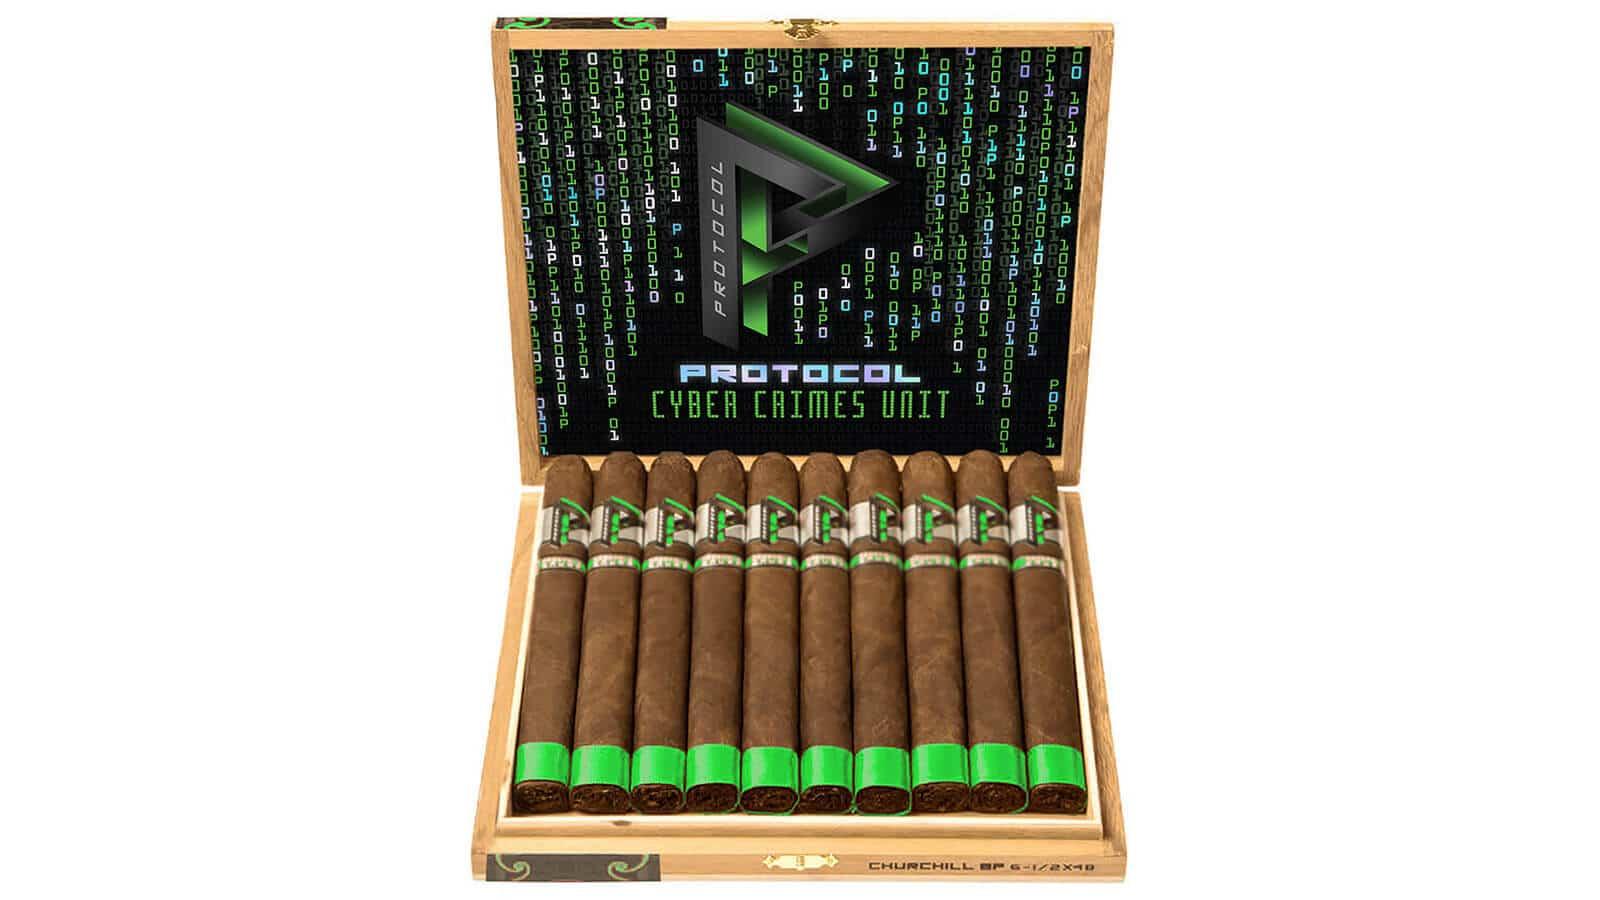 Protocol Cigars: Cyber Crimes Unit